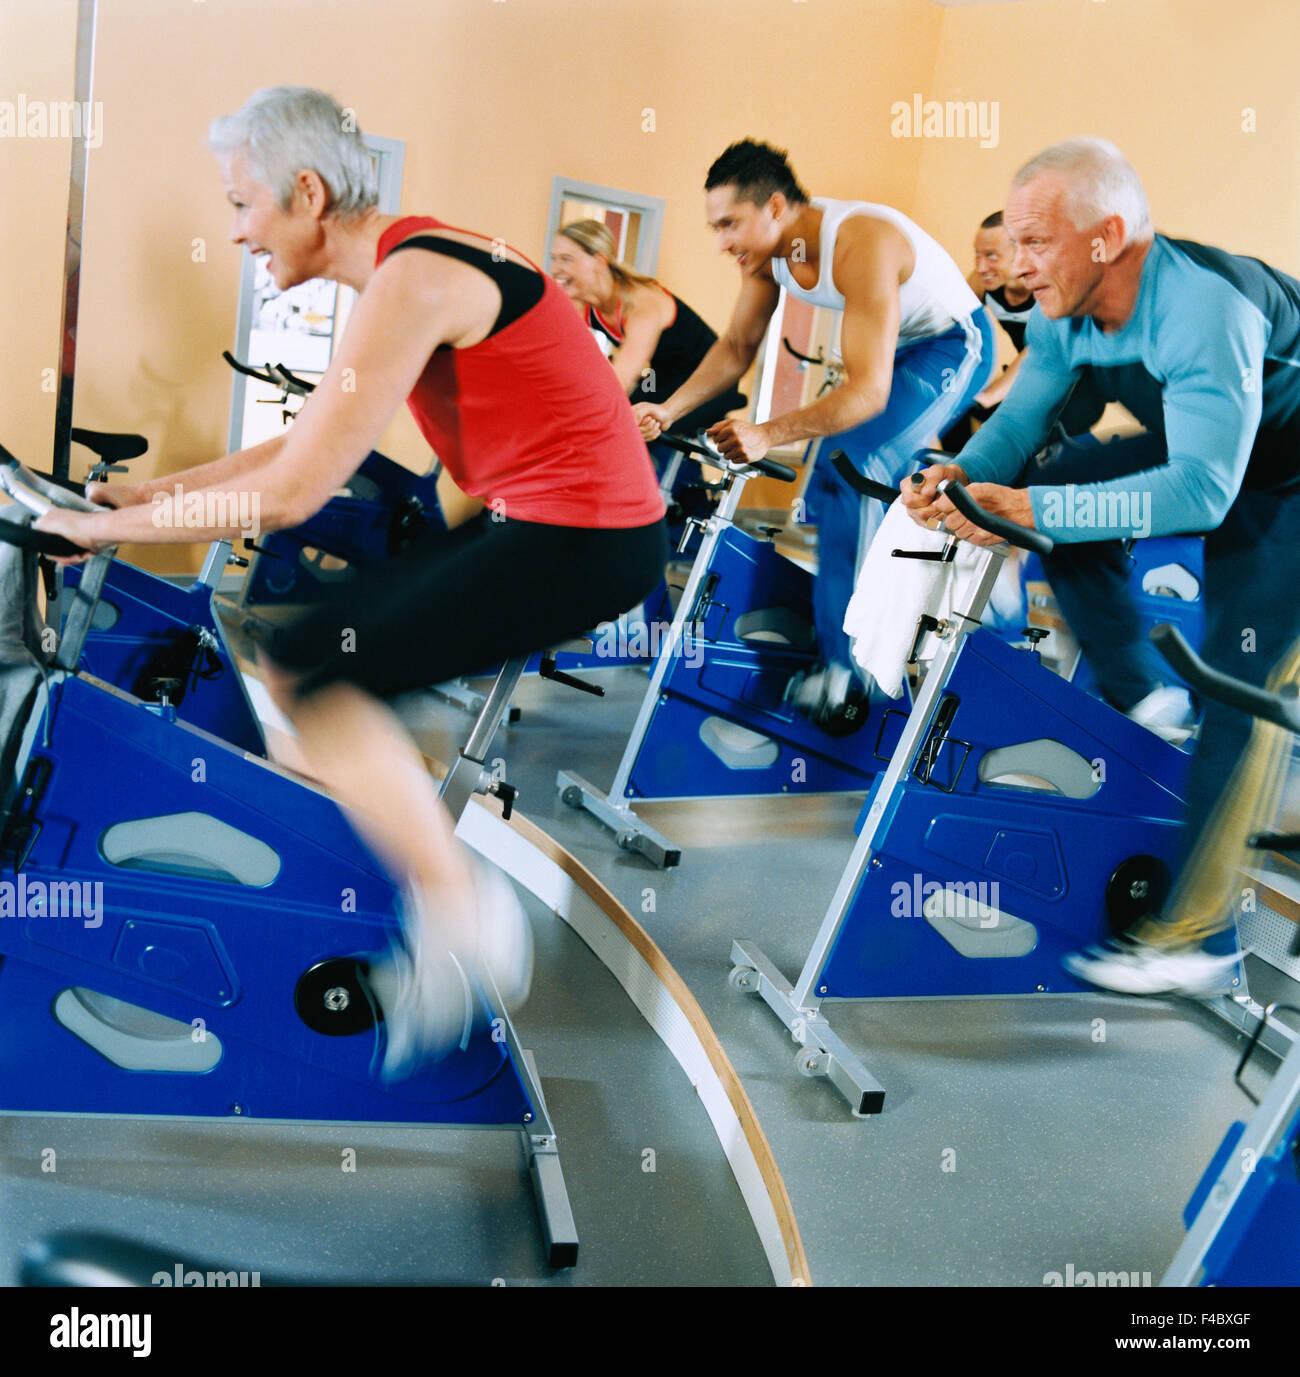 20-24 AÑOS 30-34 AÑOS actividad adultos único atleta bicicleta ciclo de imágenes en color de Imagen De Stock